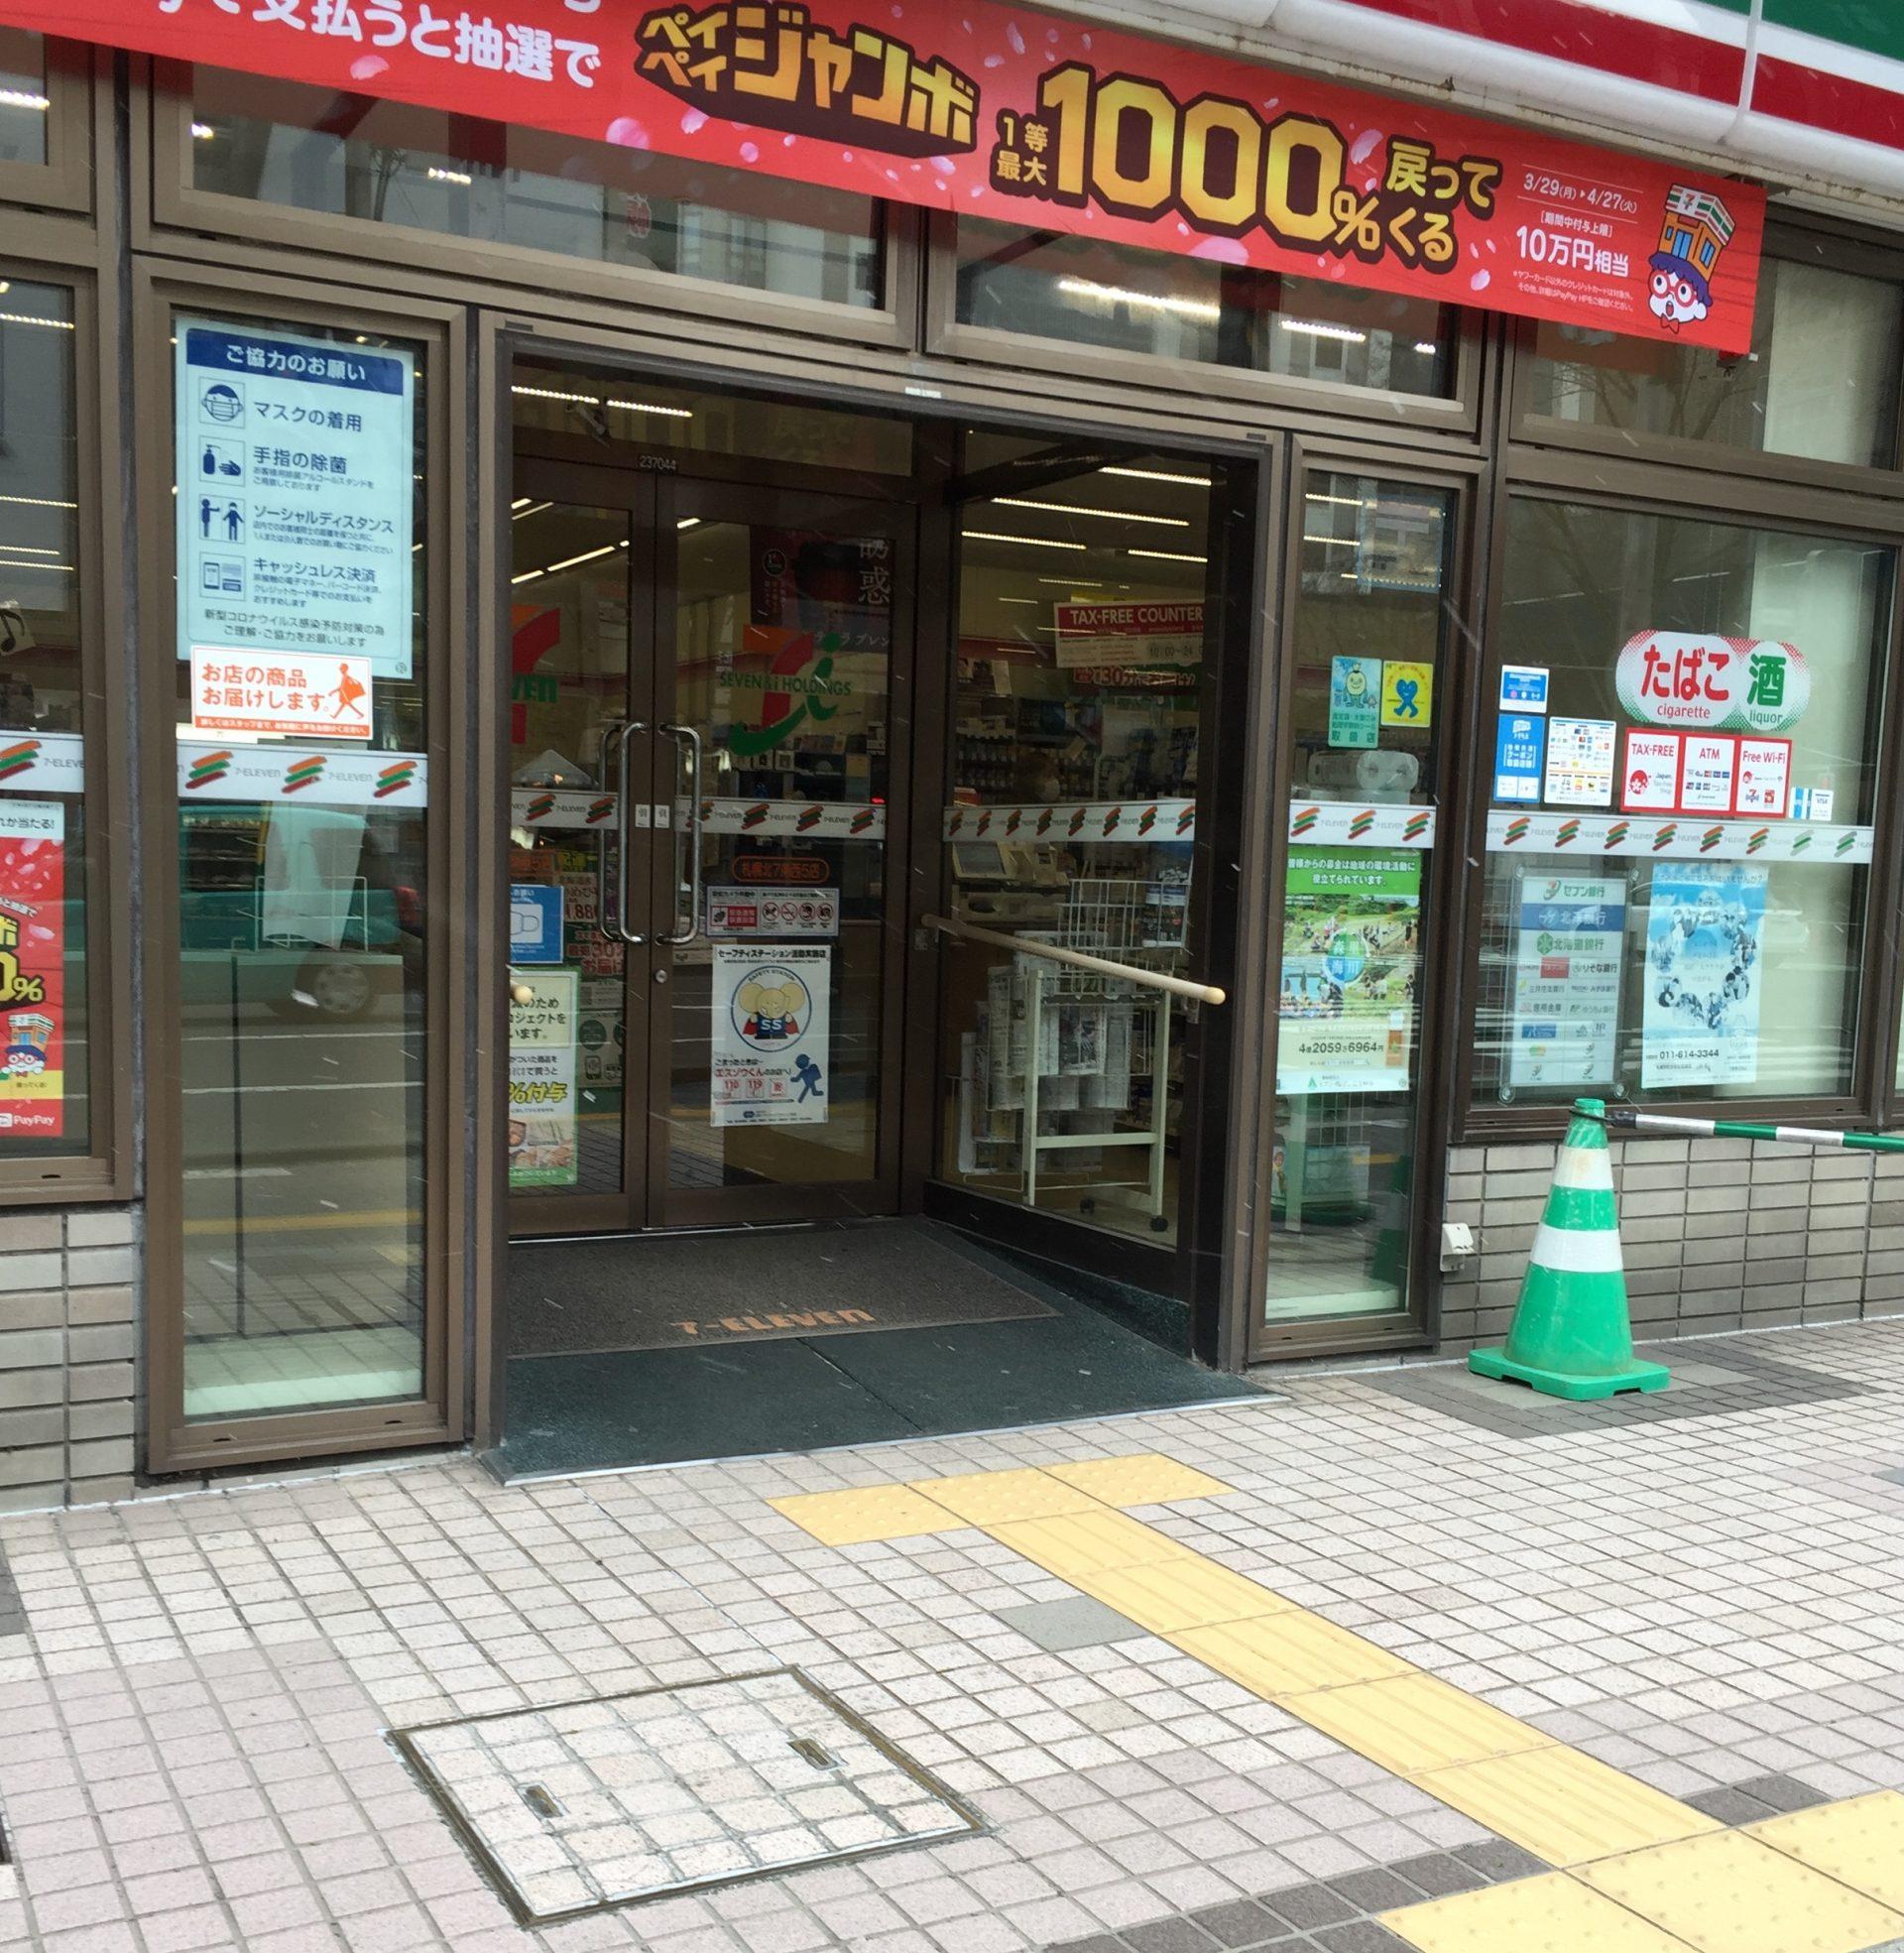 札幌駅北口ヨドバシカメラ近くにあるセブンイレブンの玄関2